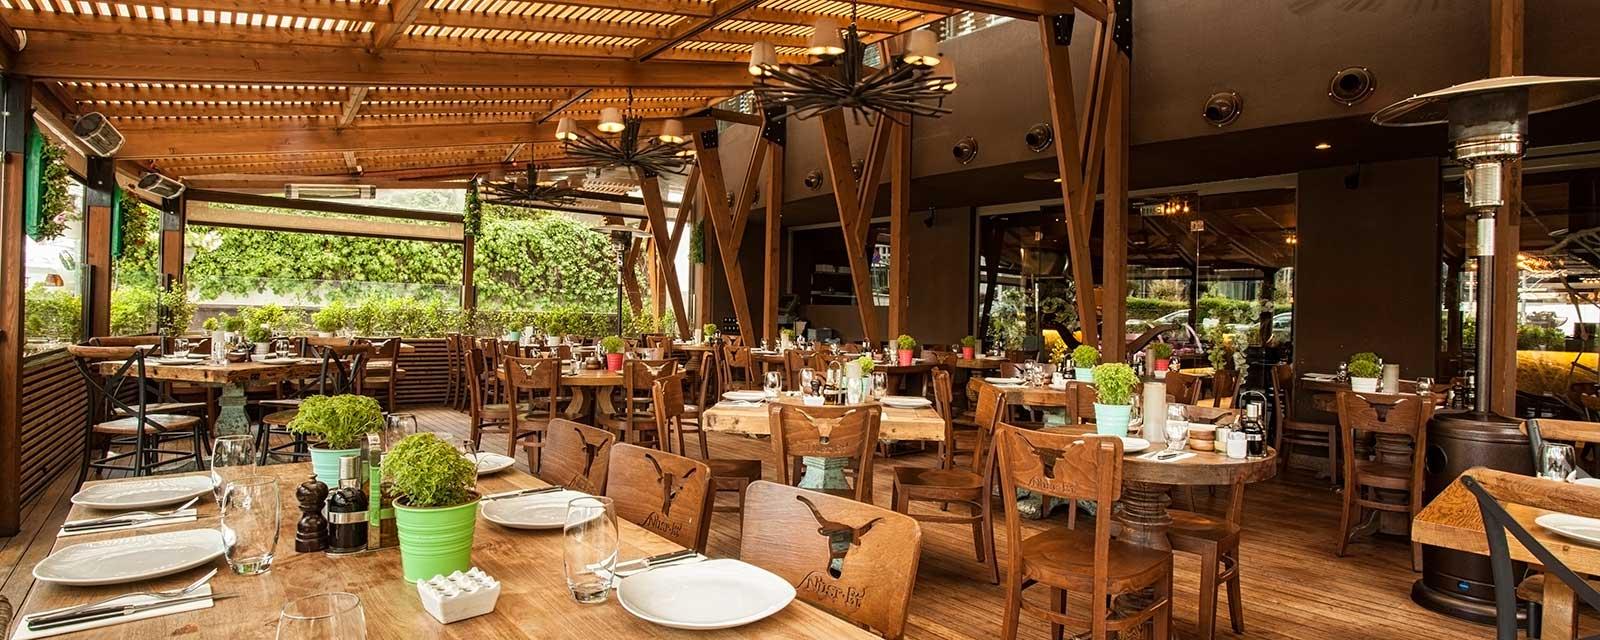 Ankara Avukatlarına Özel İş Yemekleri İçin Restaurant Önerileri - Nusr-et Ankara